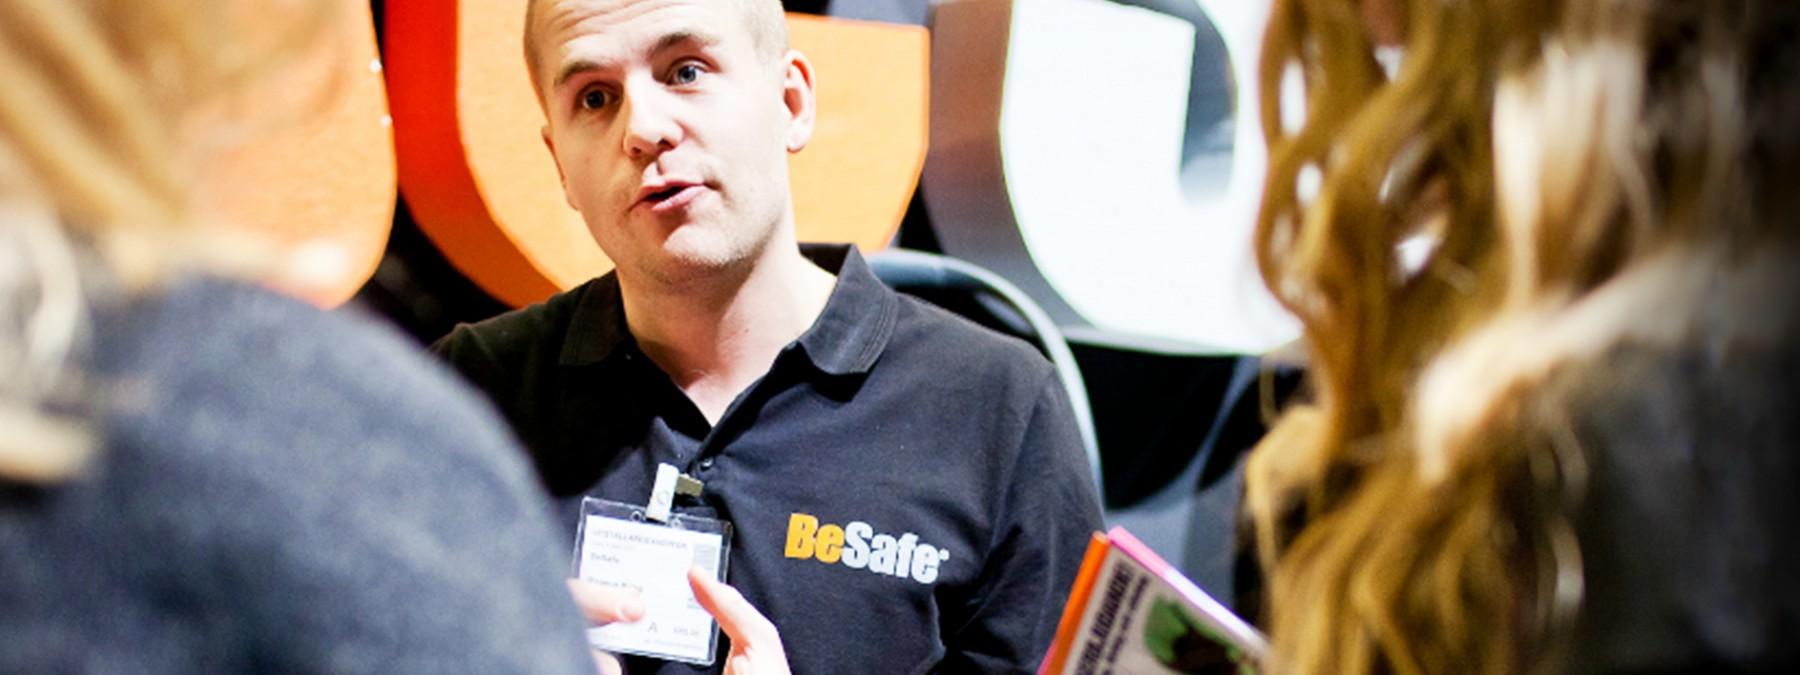 Treffen Sie das BeSafe Team – Messen 2016